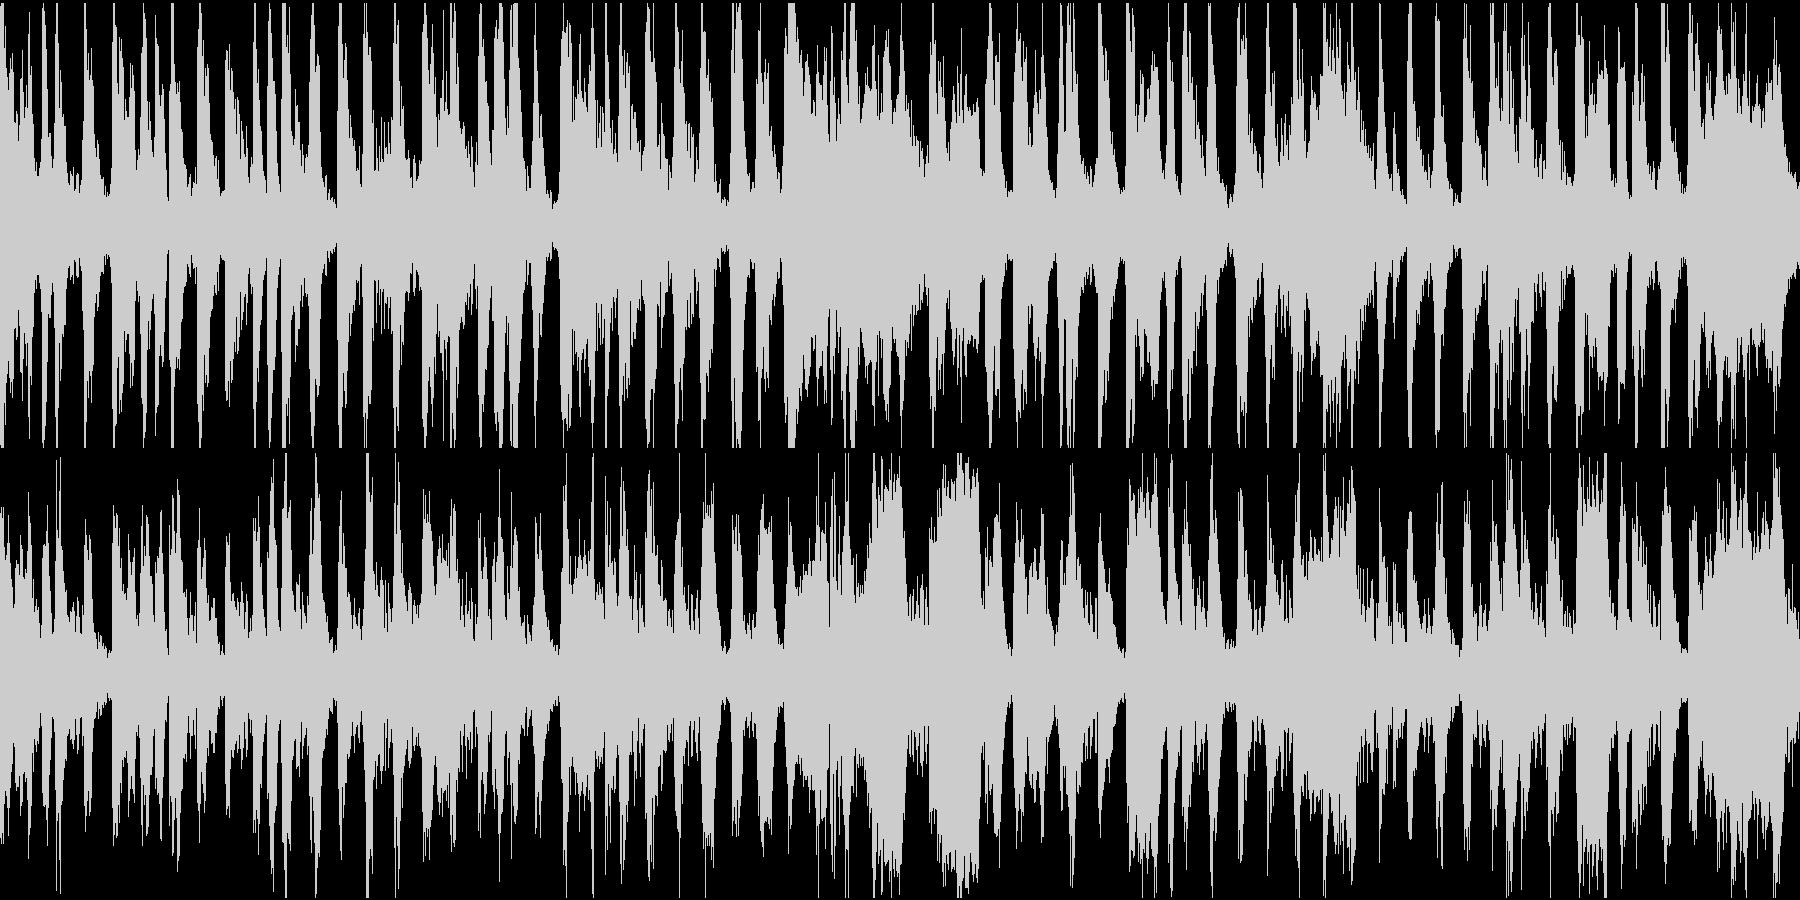 チンドン屋の街回りの音楽の未再生の波形